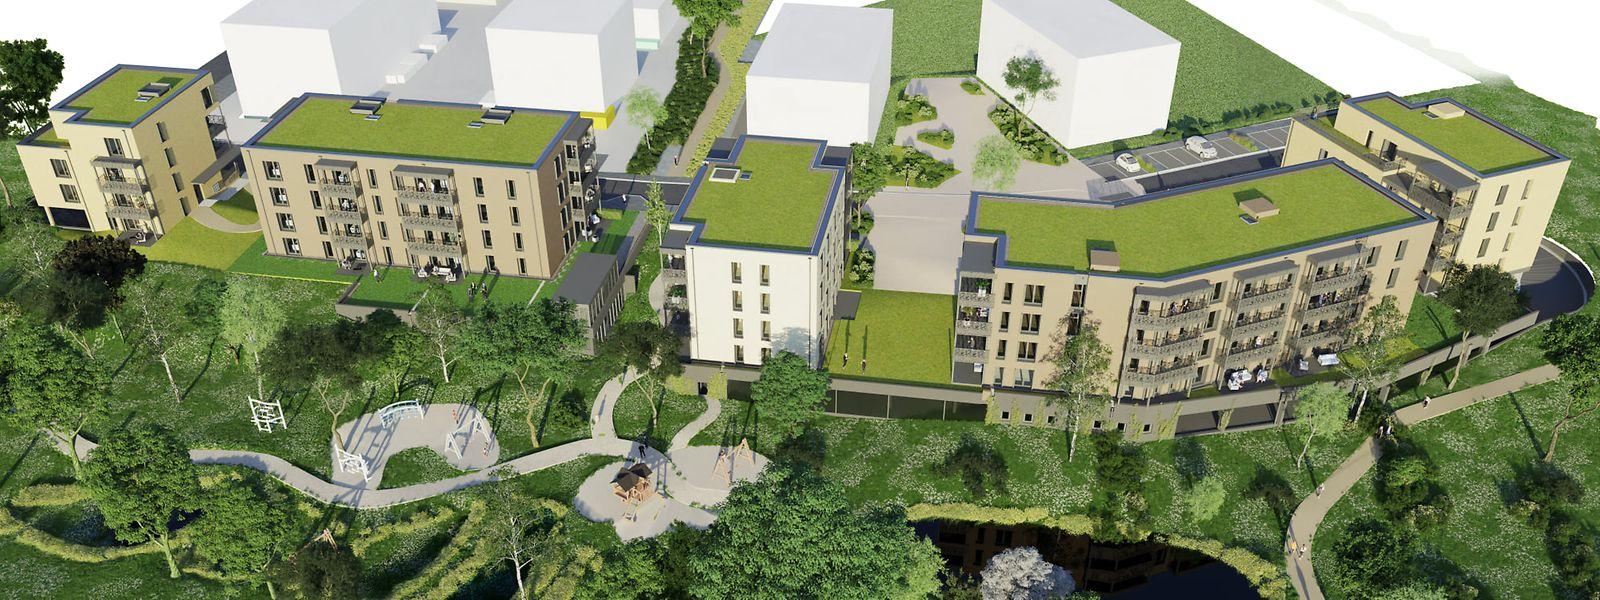 Le projet soutenu à Mamer comptera 20% de maisons individuelles et 80% d'appartements.